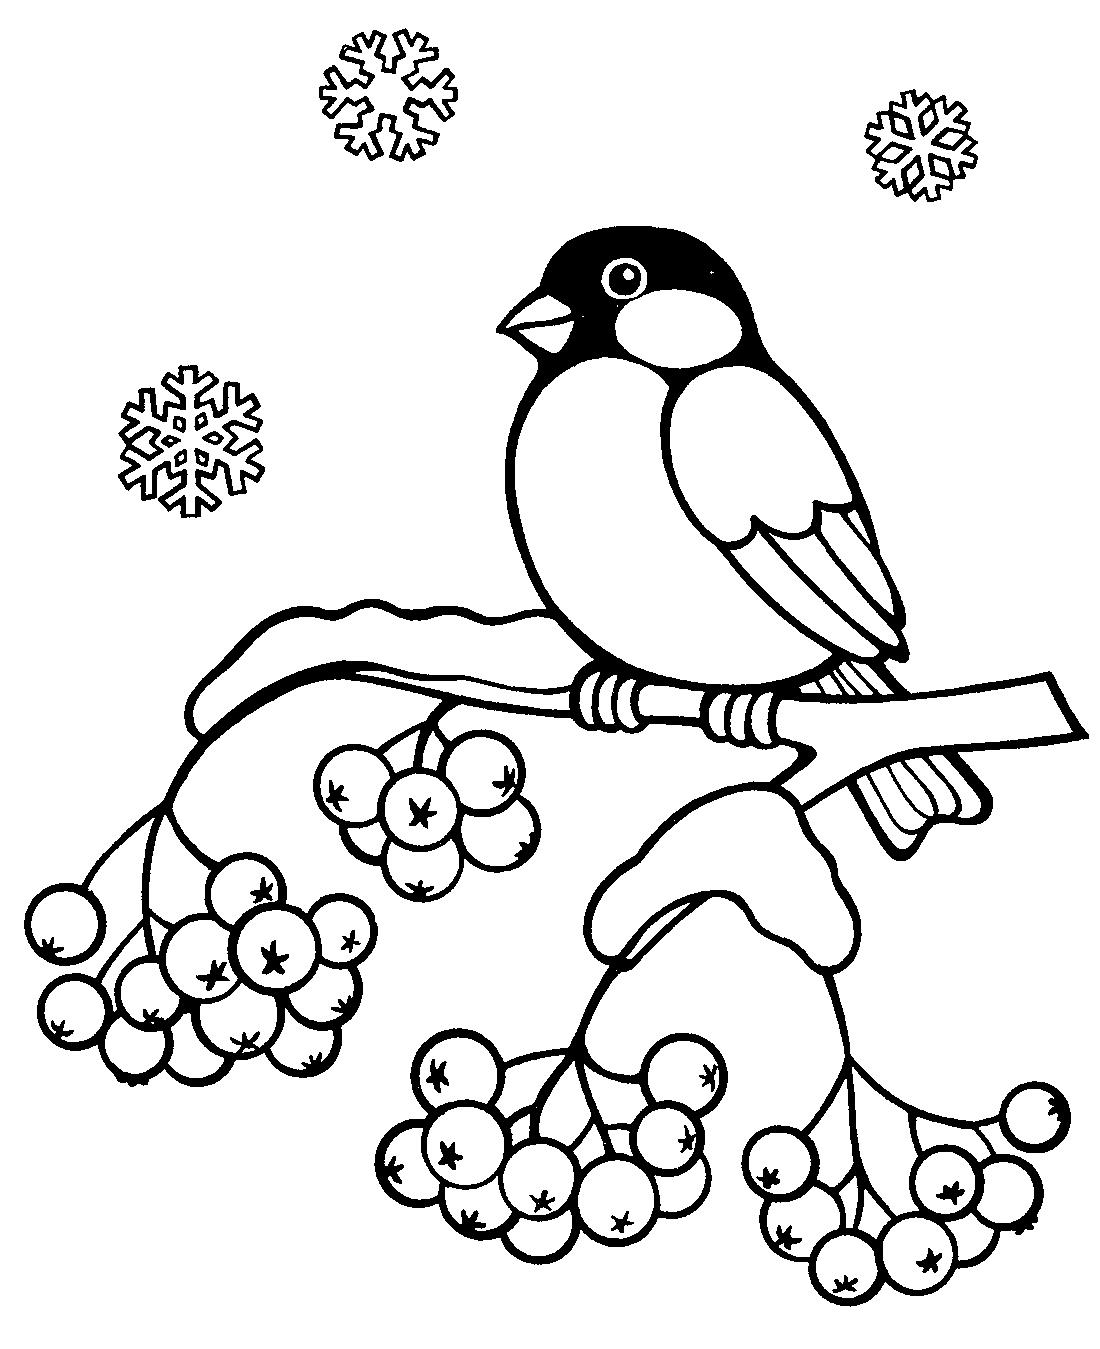 Картинки для детей снегирь на ветке рябины